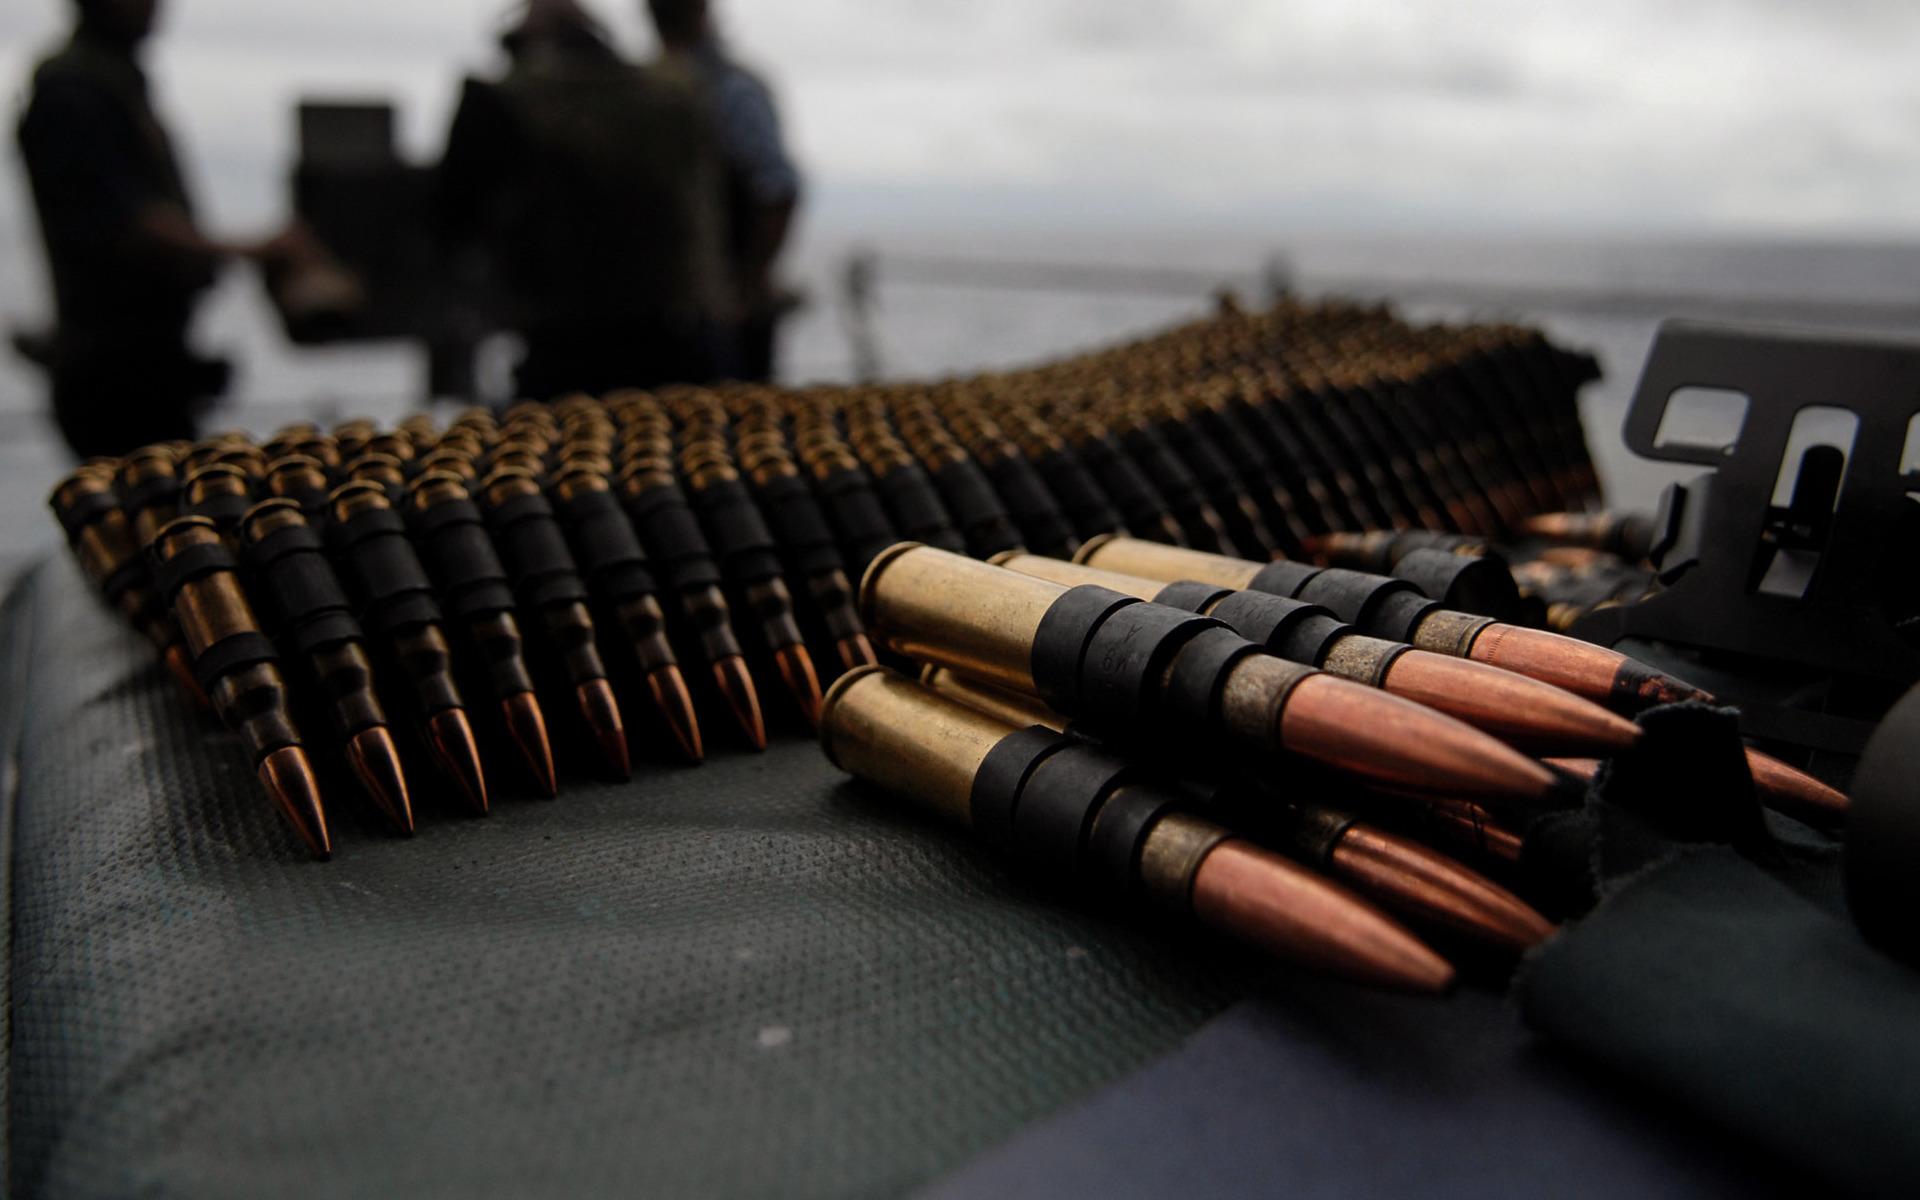 патроны в ленте, скачать фото, обои для рабочего стола, пули, bullets rounds wallpapers